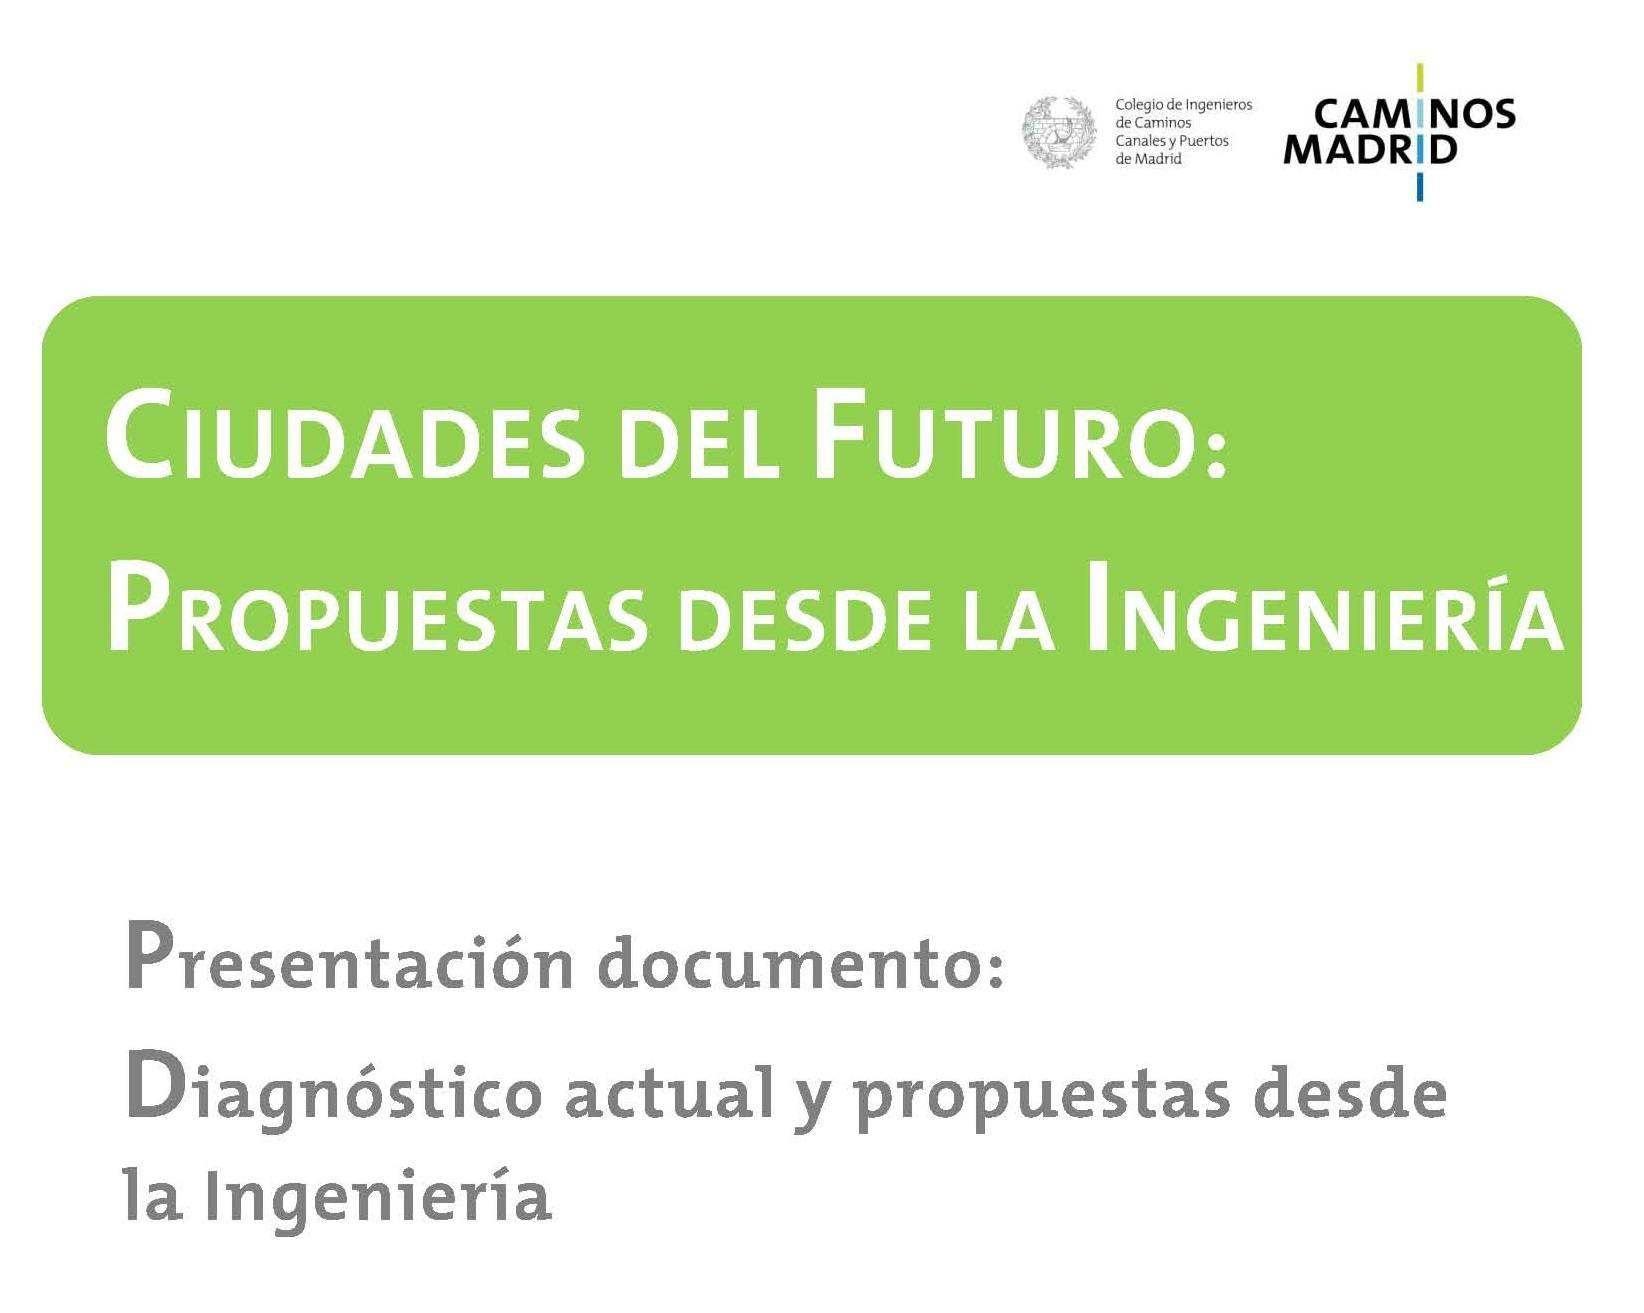 Ciudades del futuro: propuestas desde la Ingeniería